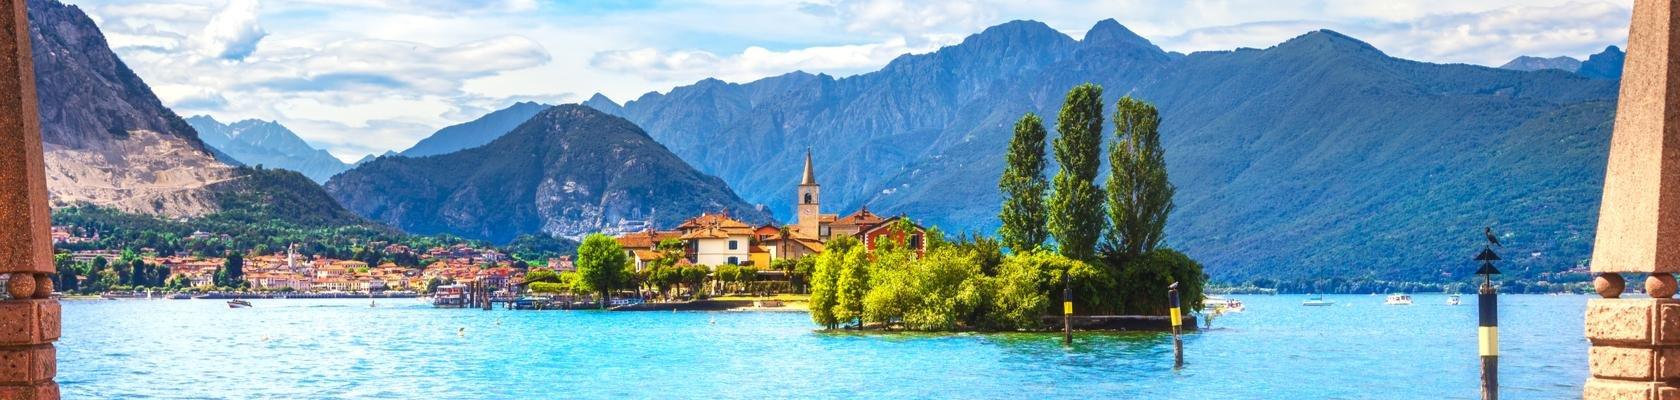 Isola dei Pescatori in Lago Maggiore